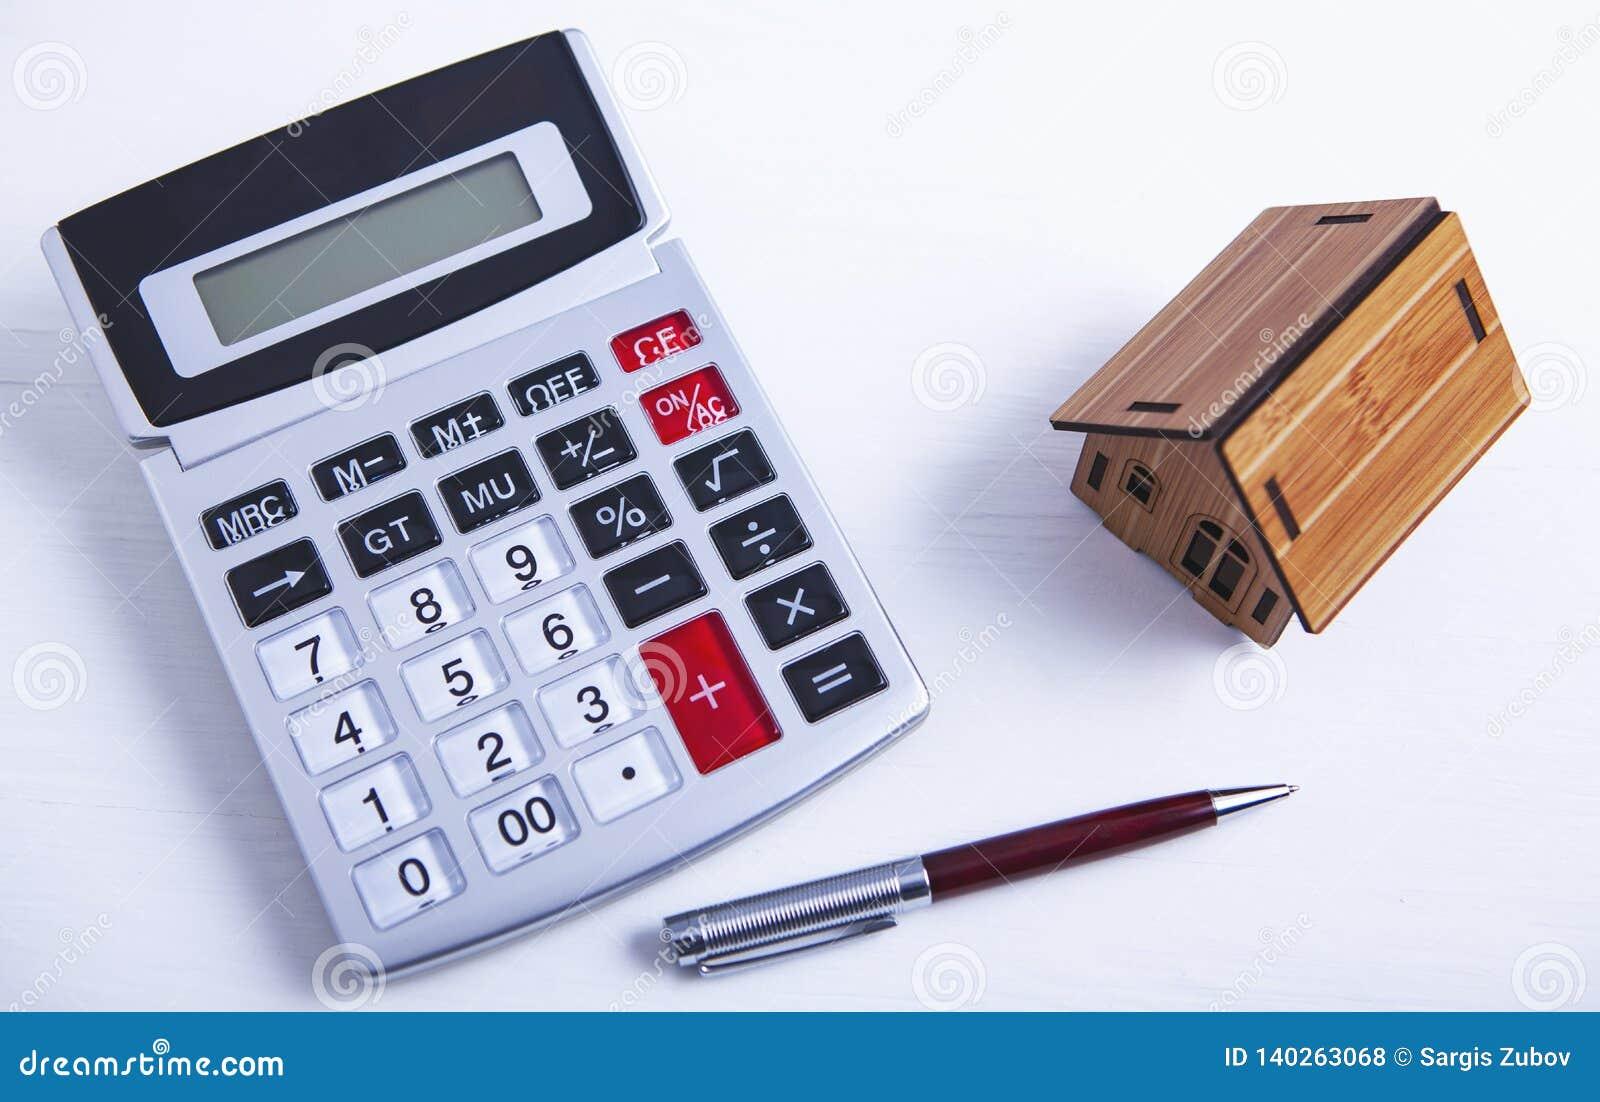 Calculadora del edificio de apartamentos